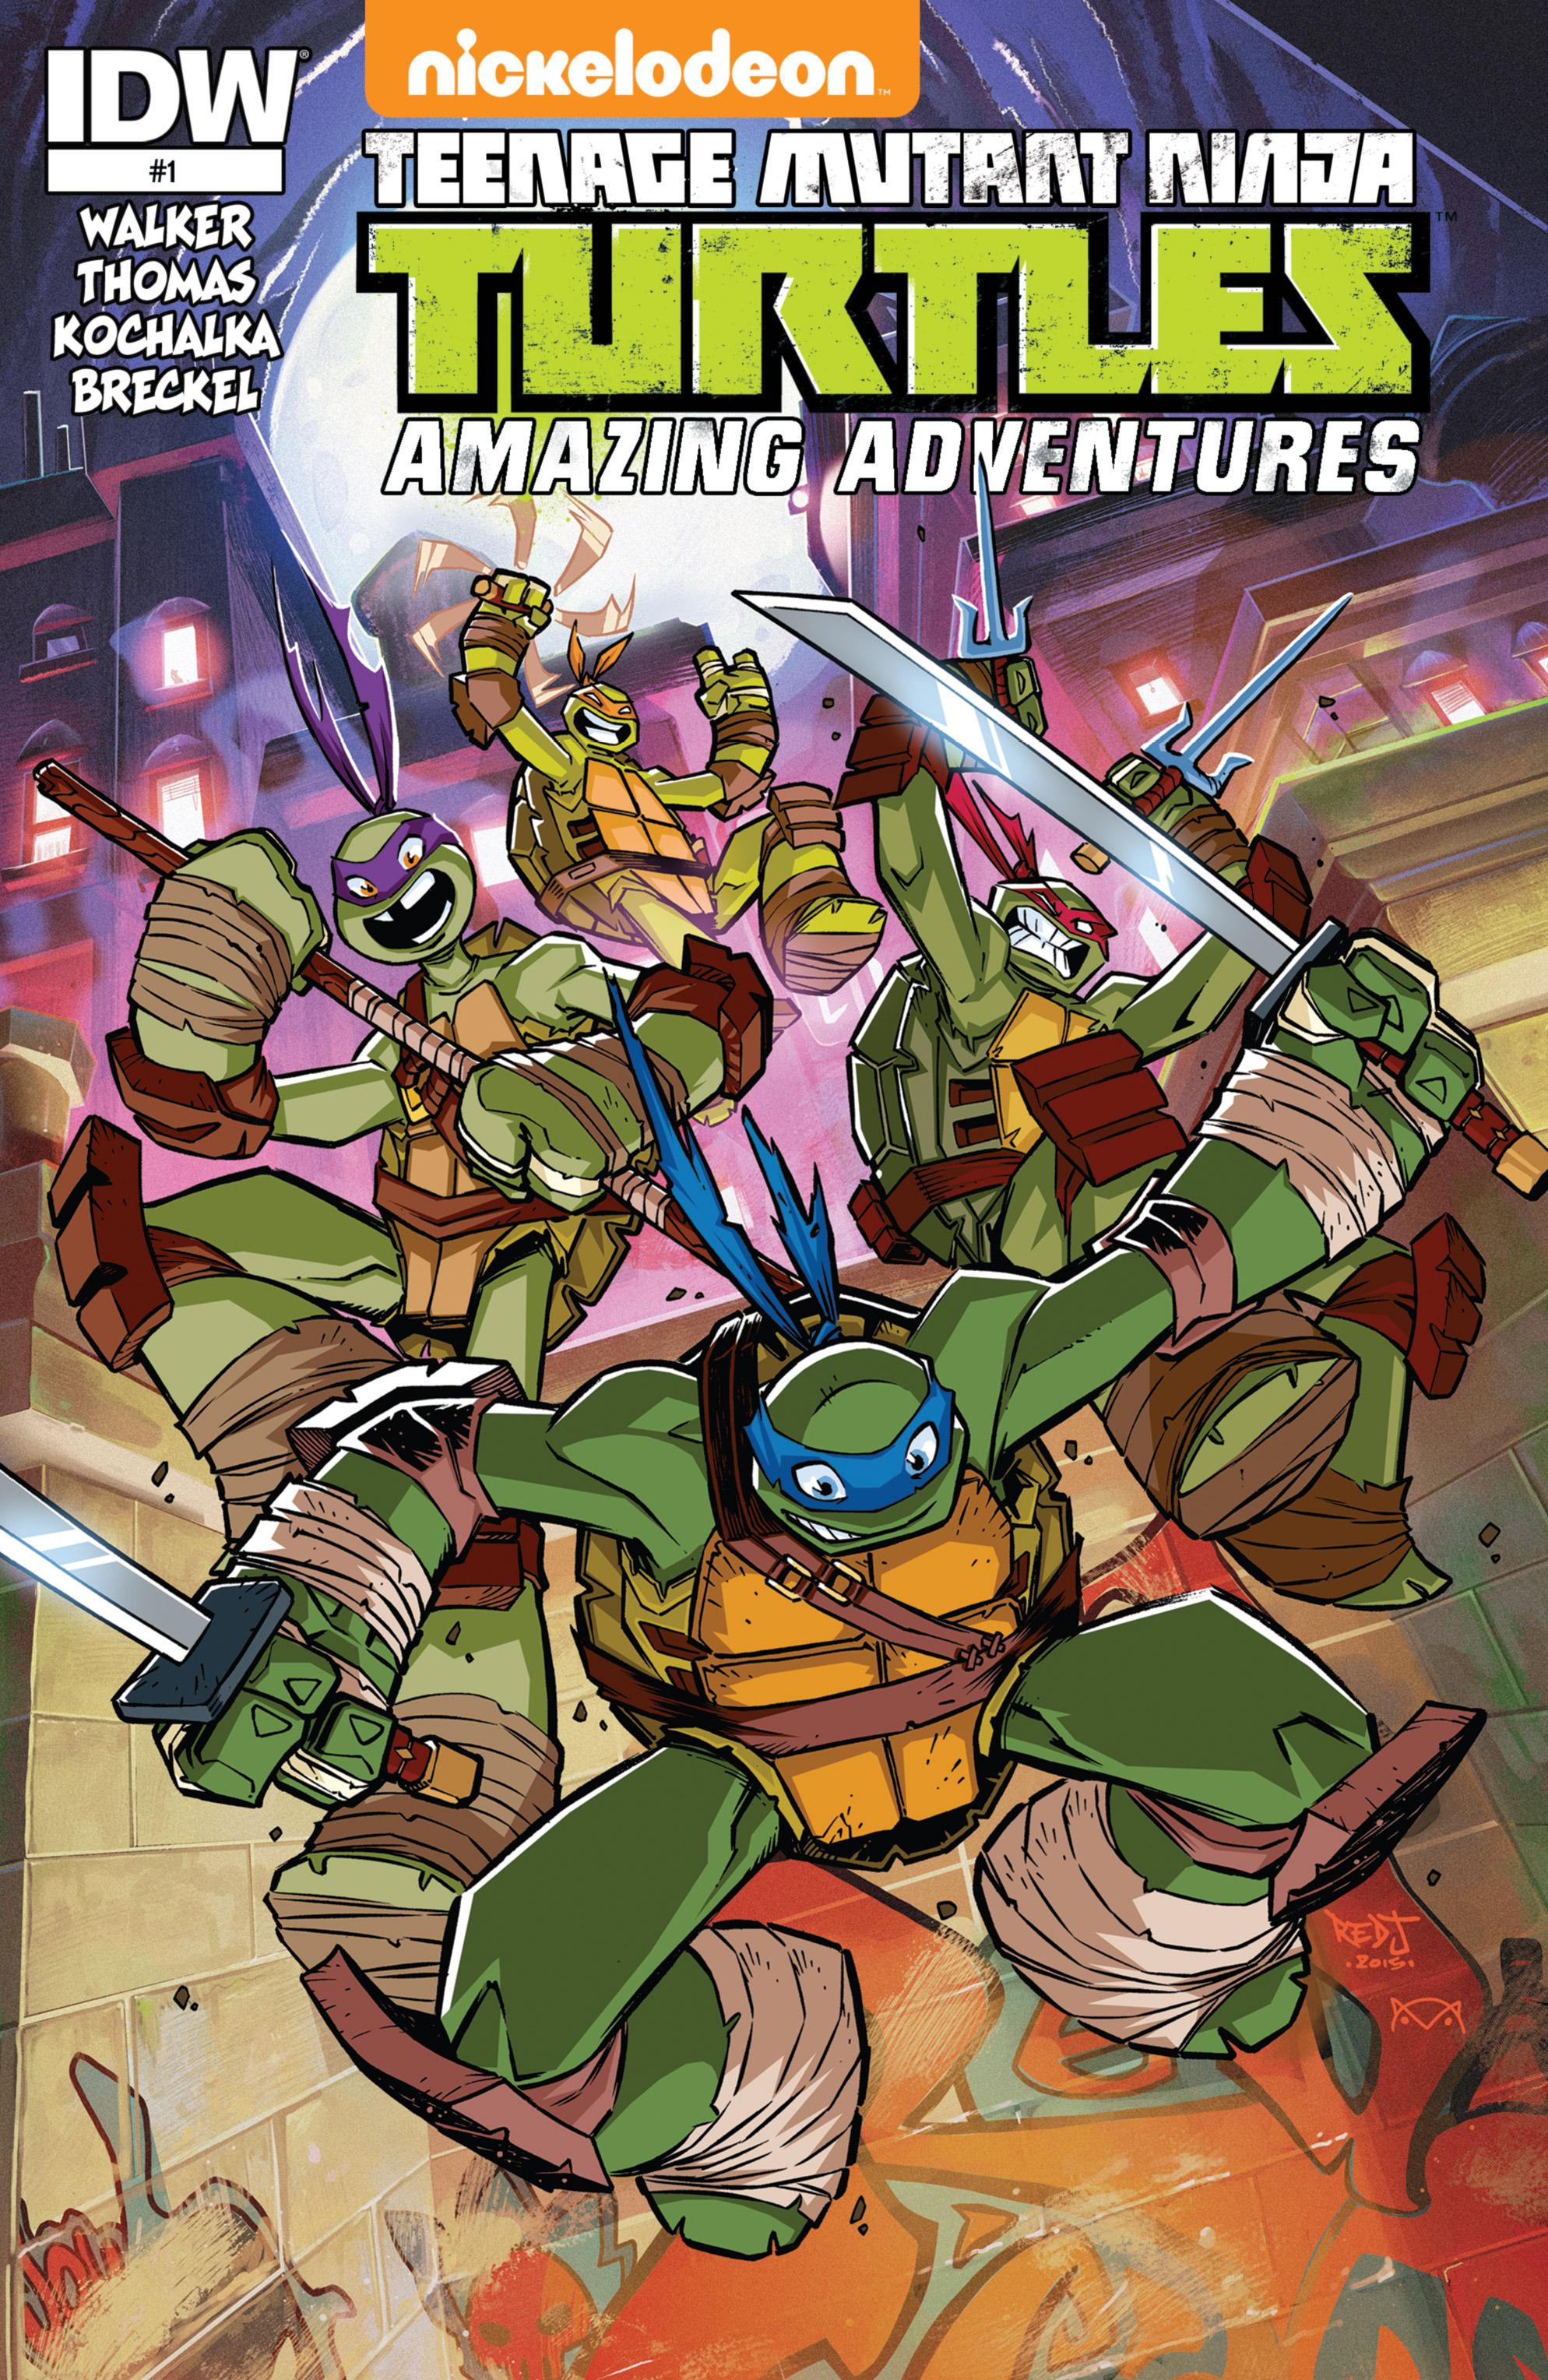 Teenage Mutant Ninja Turtles Amazing Adventures